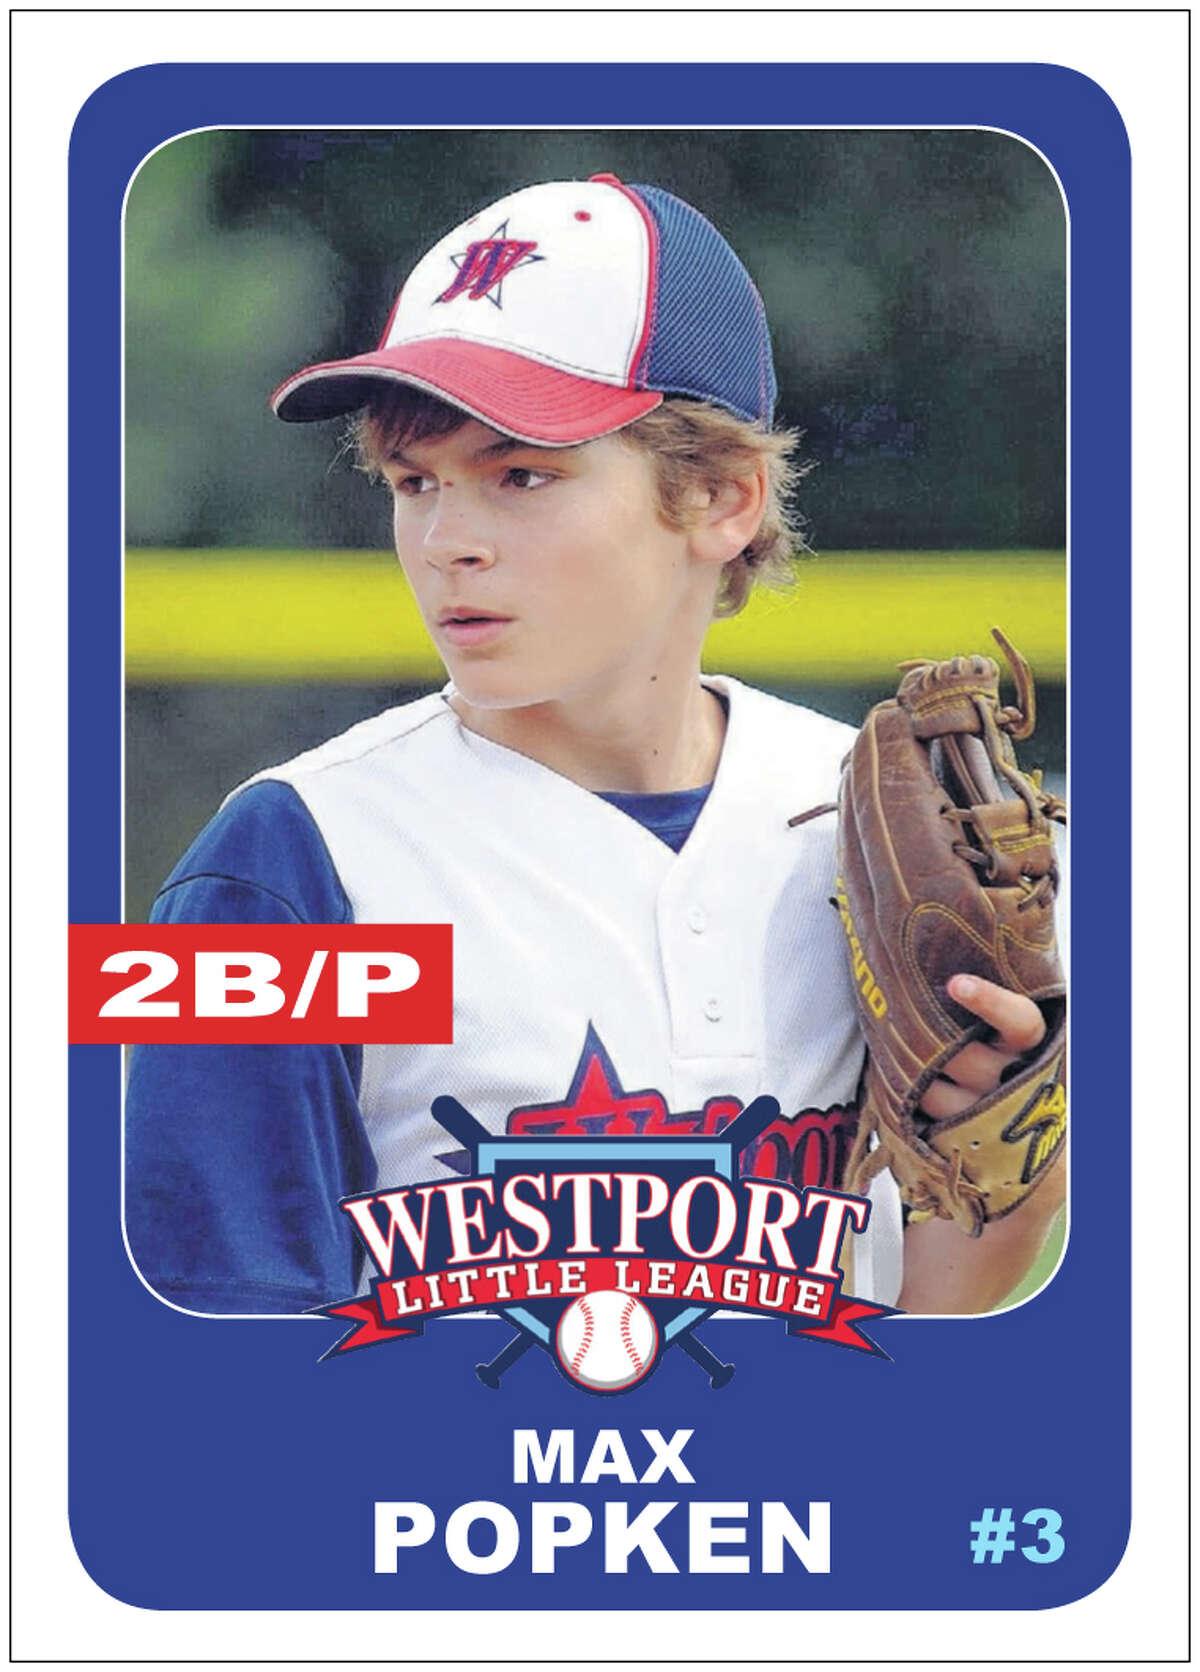 #3 MAX POPKEN Age: 12 Position: 2B/P Bats/Throws: R/R N.E. Tournament: Team-high seven runs scored, three RBIs; 3.60 ERA